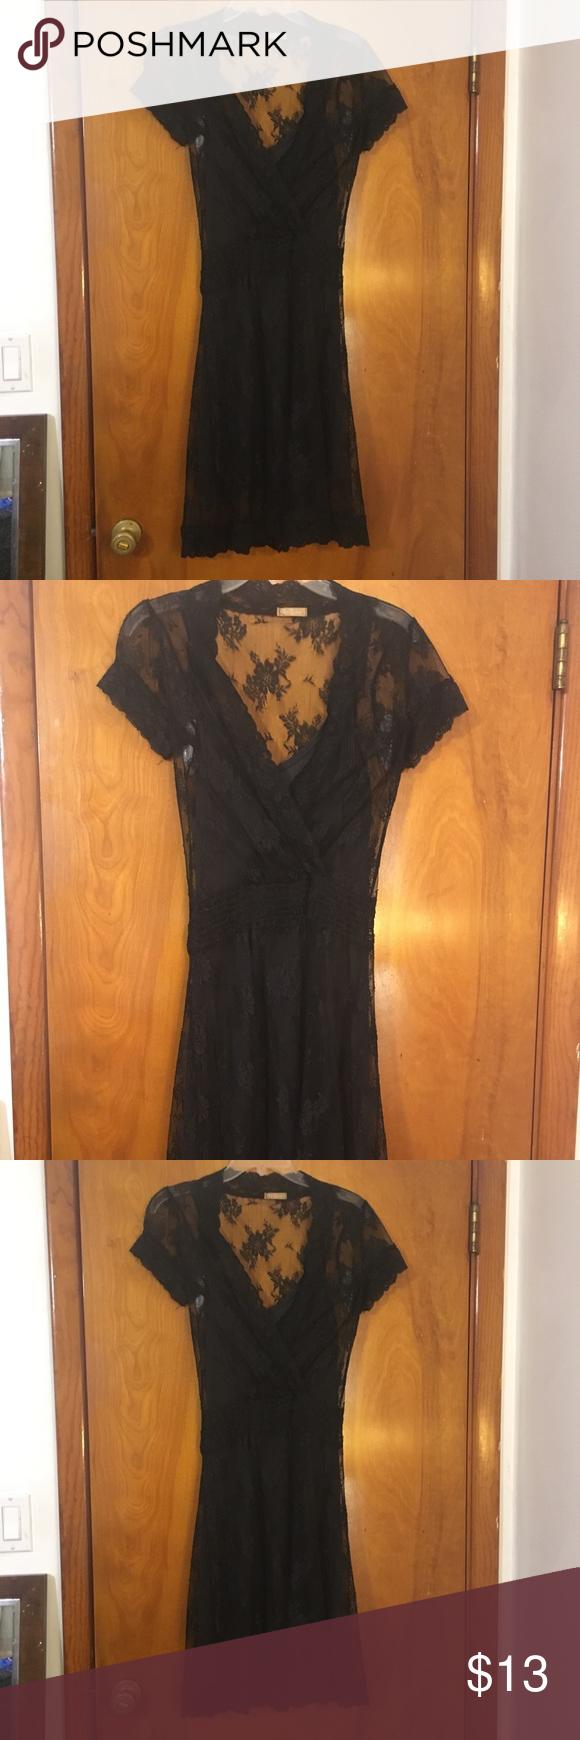 21 Vintage Lace 2 Piece Dress Vintage Black Lace Dress Piece Dress Black Lace Midi Dress [ 1740 x 580 Pixel ]